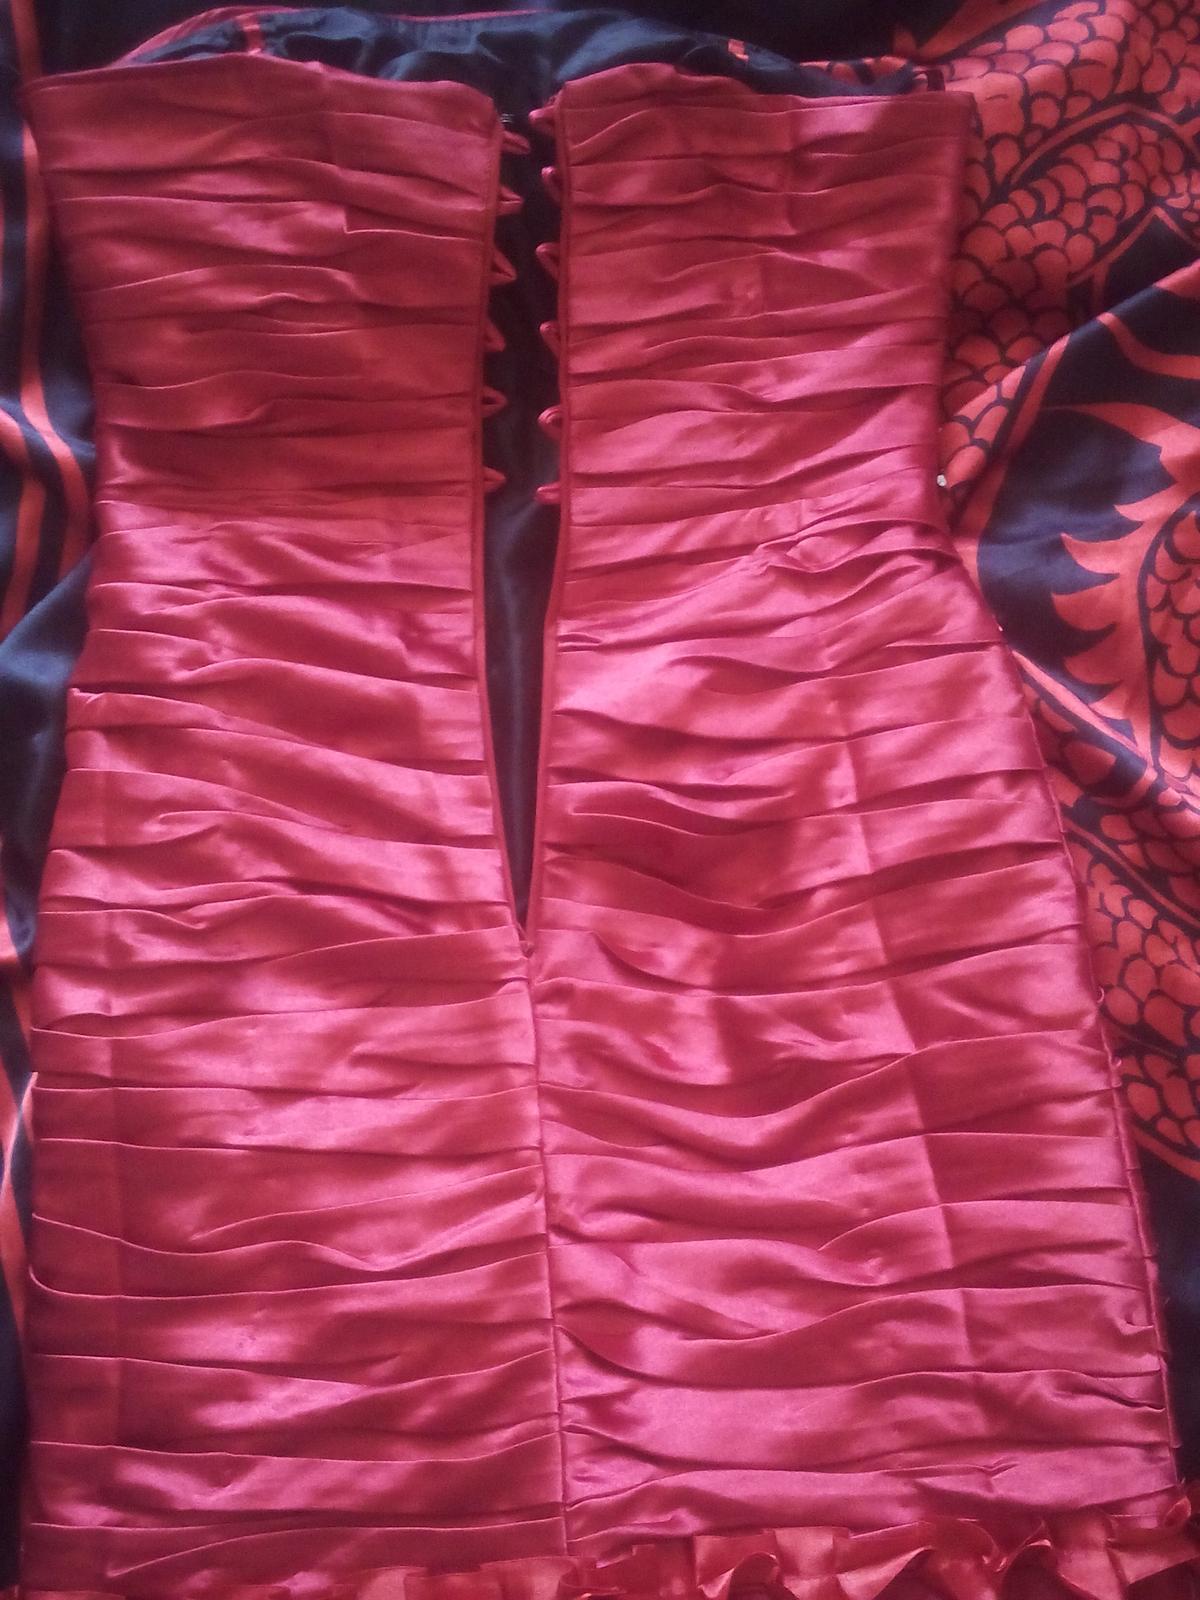 Cervene spolocenske saty - Obrázok č. 3